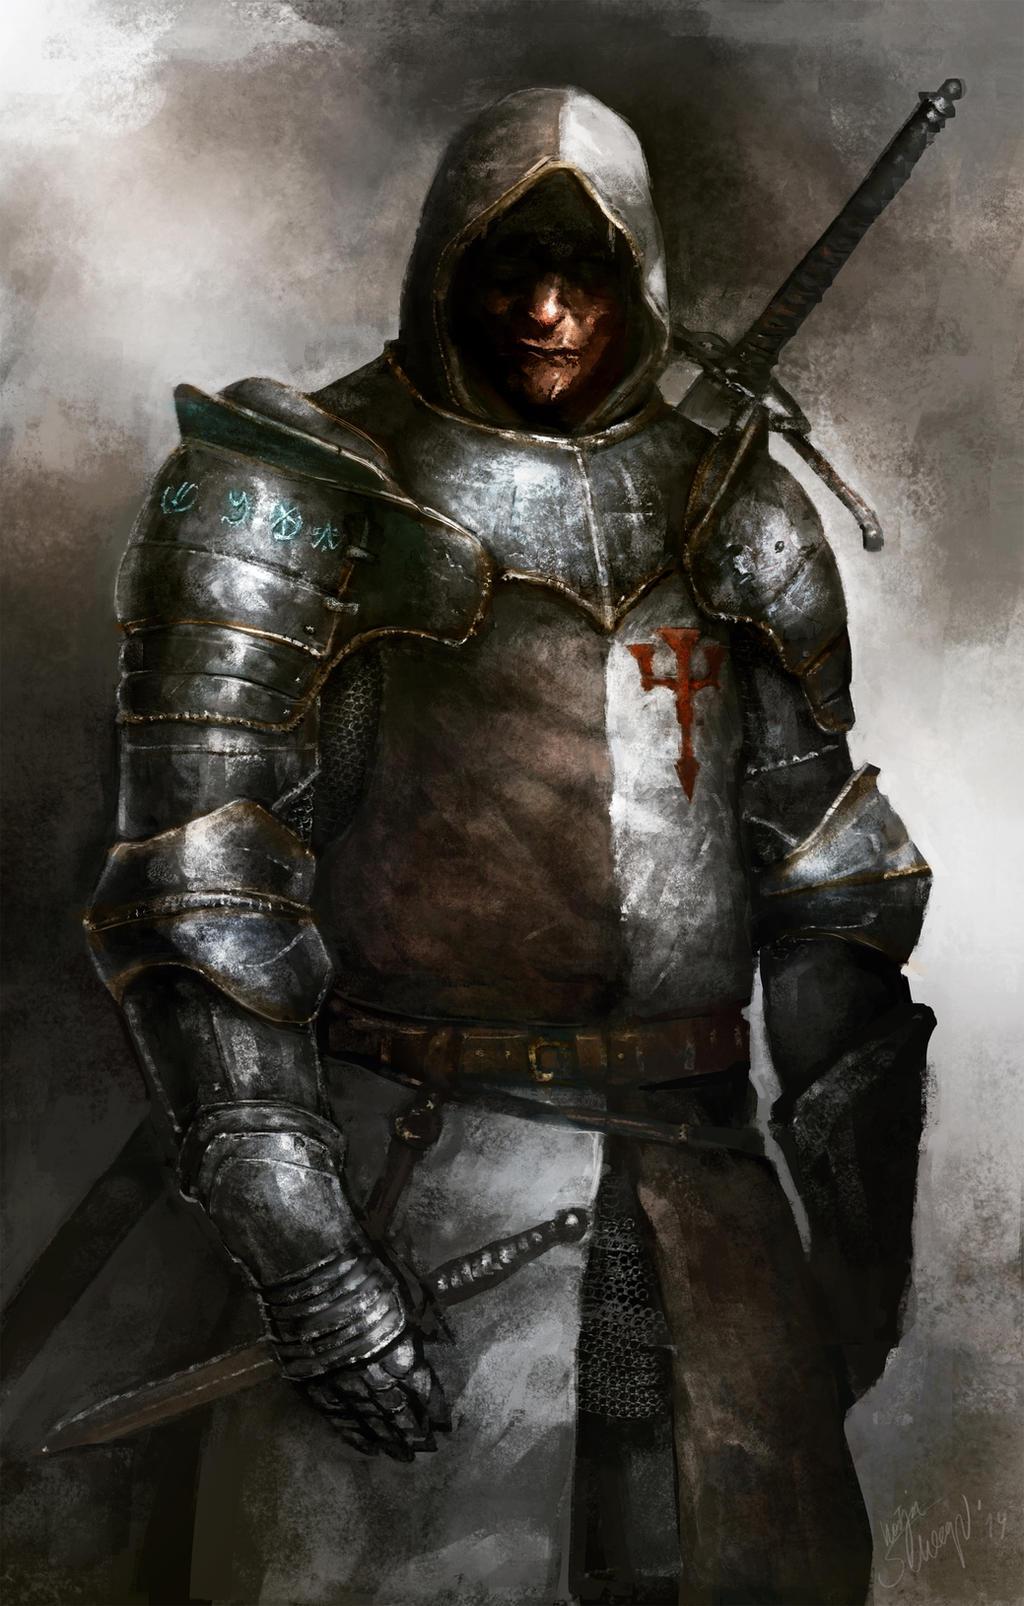 Обои «воин»), замок, доспех, мост, рацарь, осада, всадник, оружие, штурм. Разное foto 19